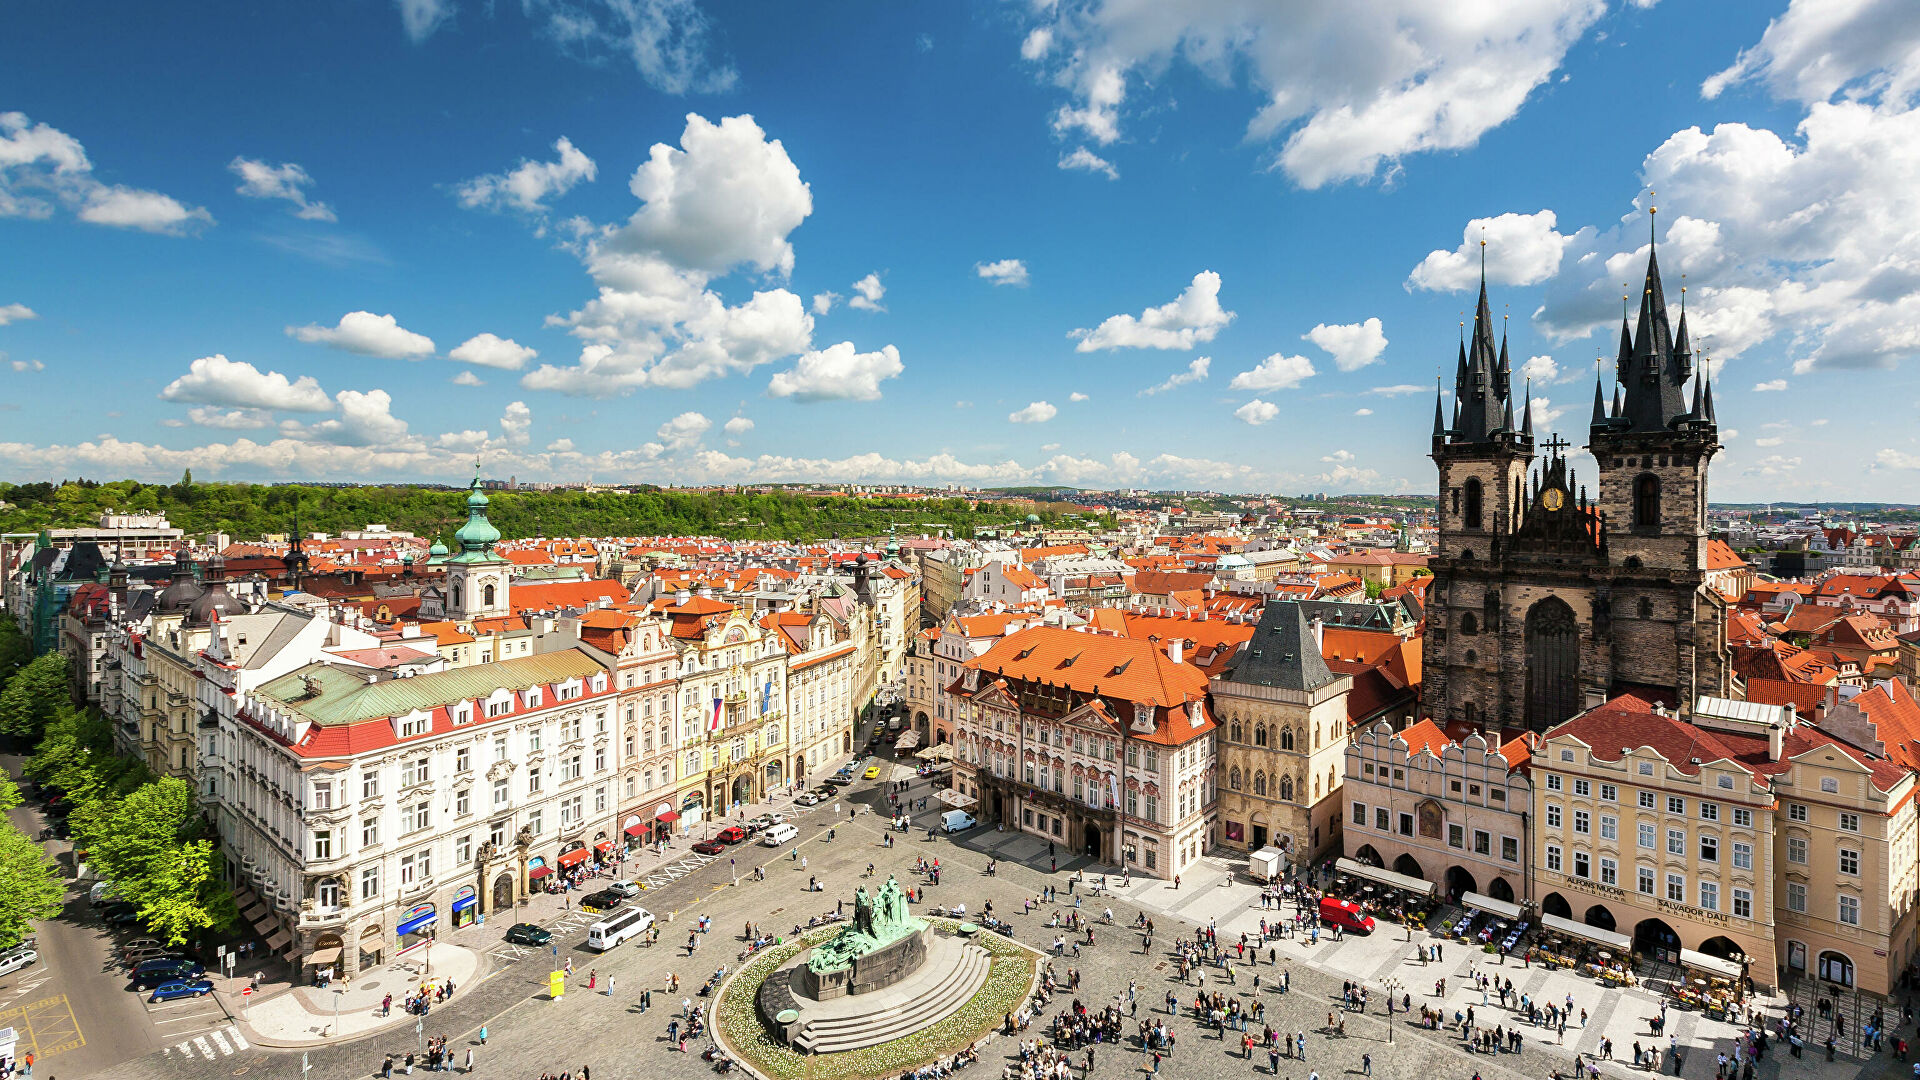 Вид с башни ратуши на Староместской площади в Праге  - РИА Новости, 1920, 28.09.2020